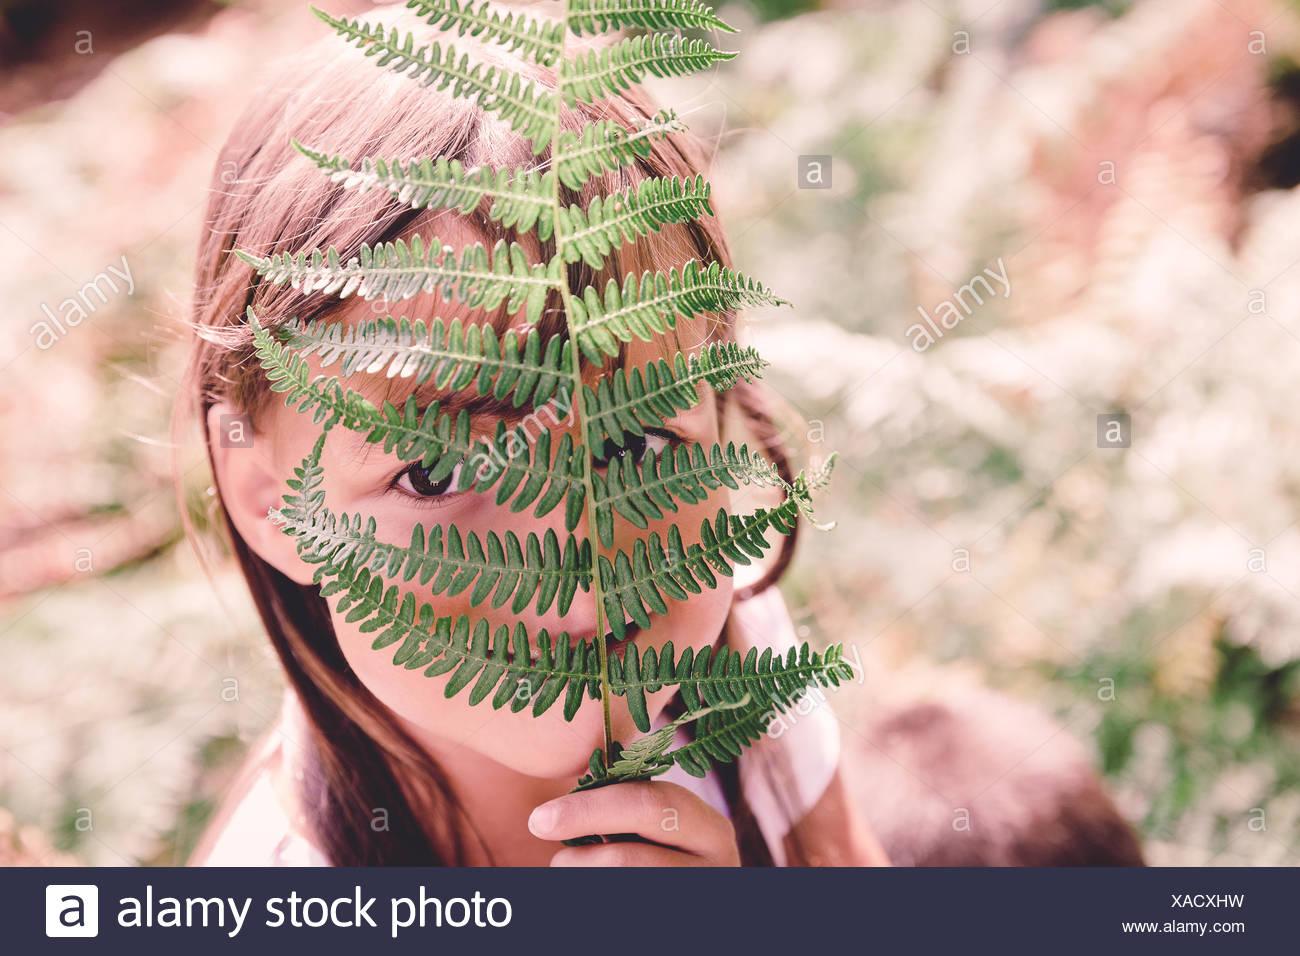 Girl cachant son visage derrière une fronde de fougère Photo Stock